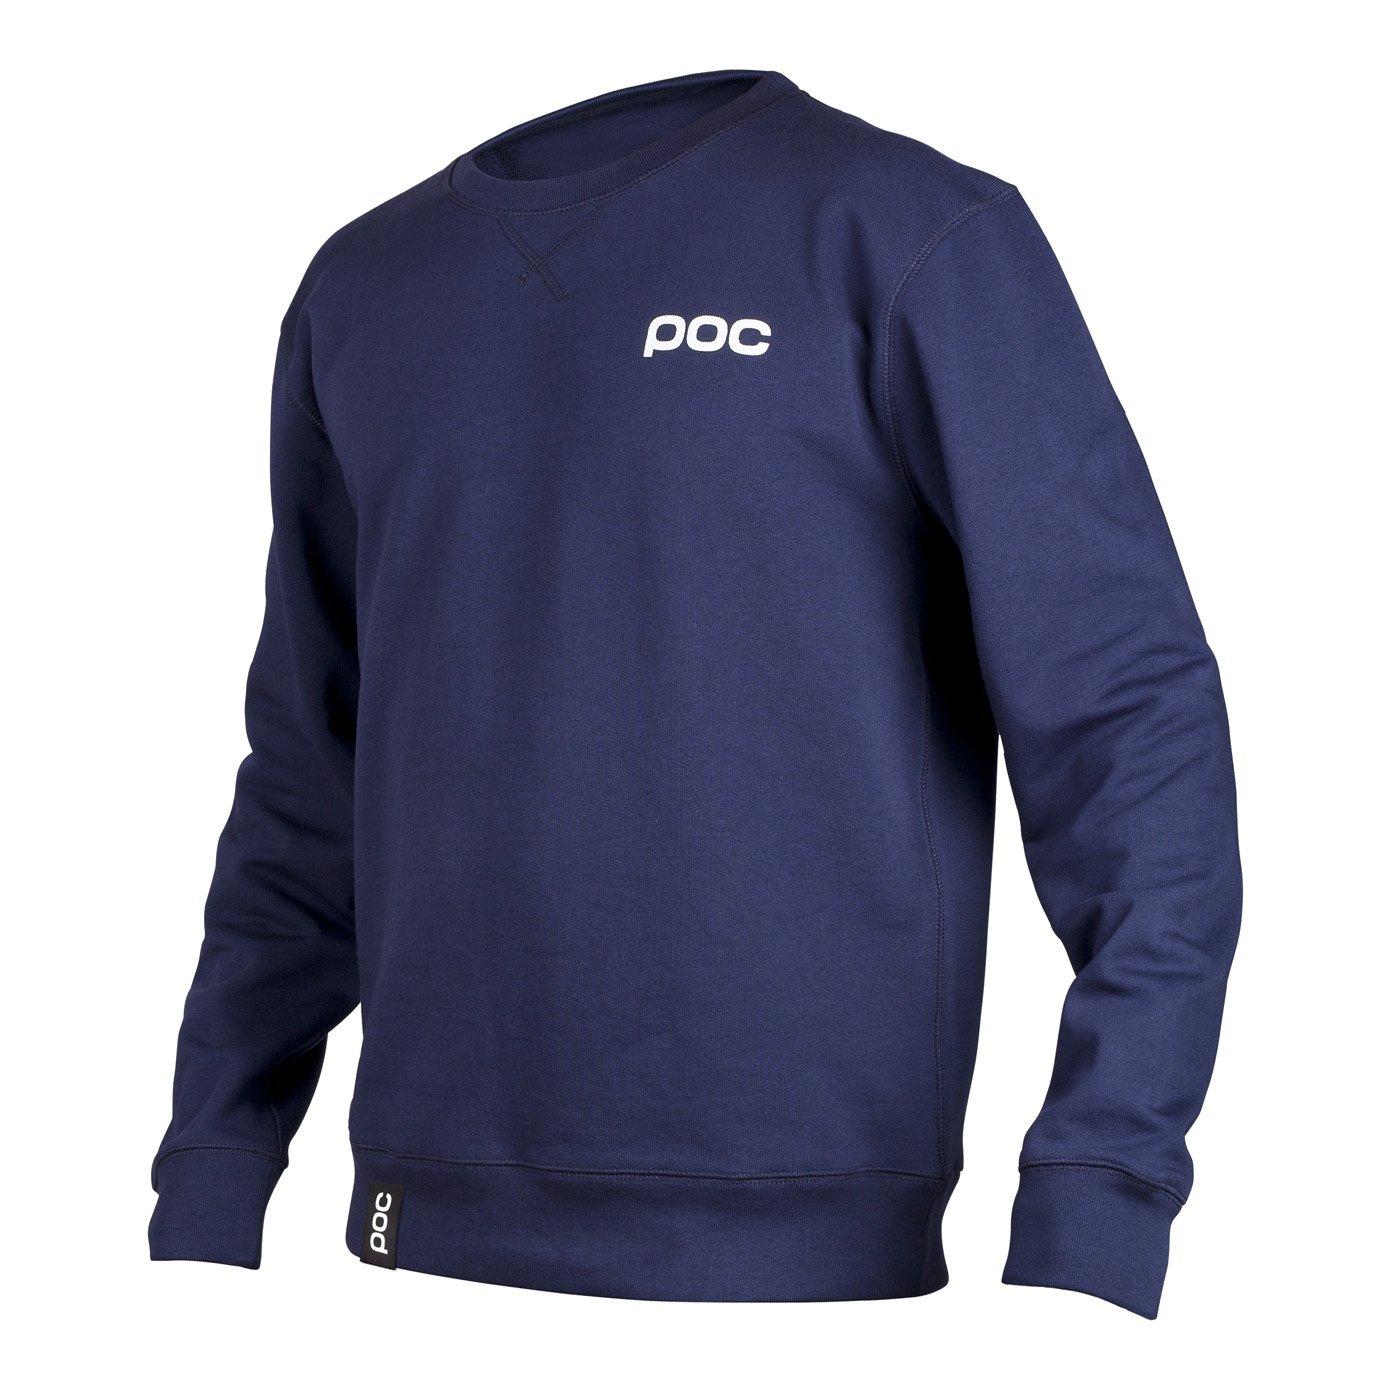 POC Crew Neck Camiseta, Unisex, Azul (Dubnium Blue), M: Amazon.es: Deportes y aire libre